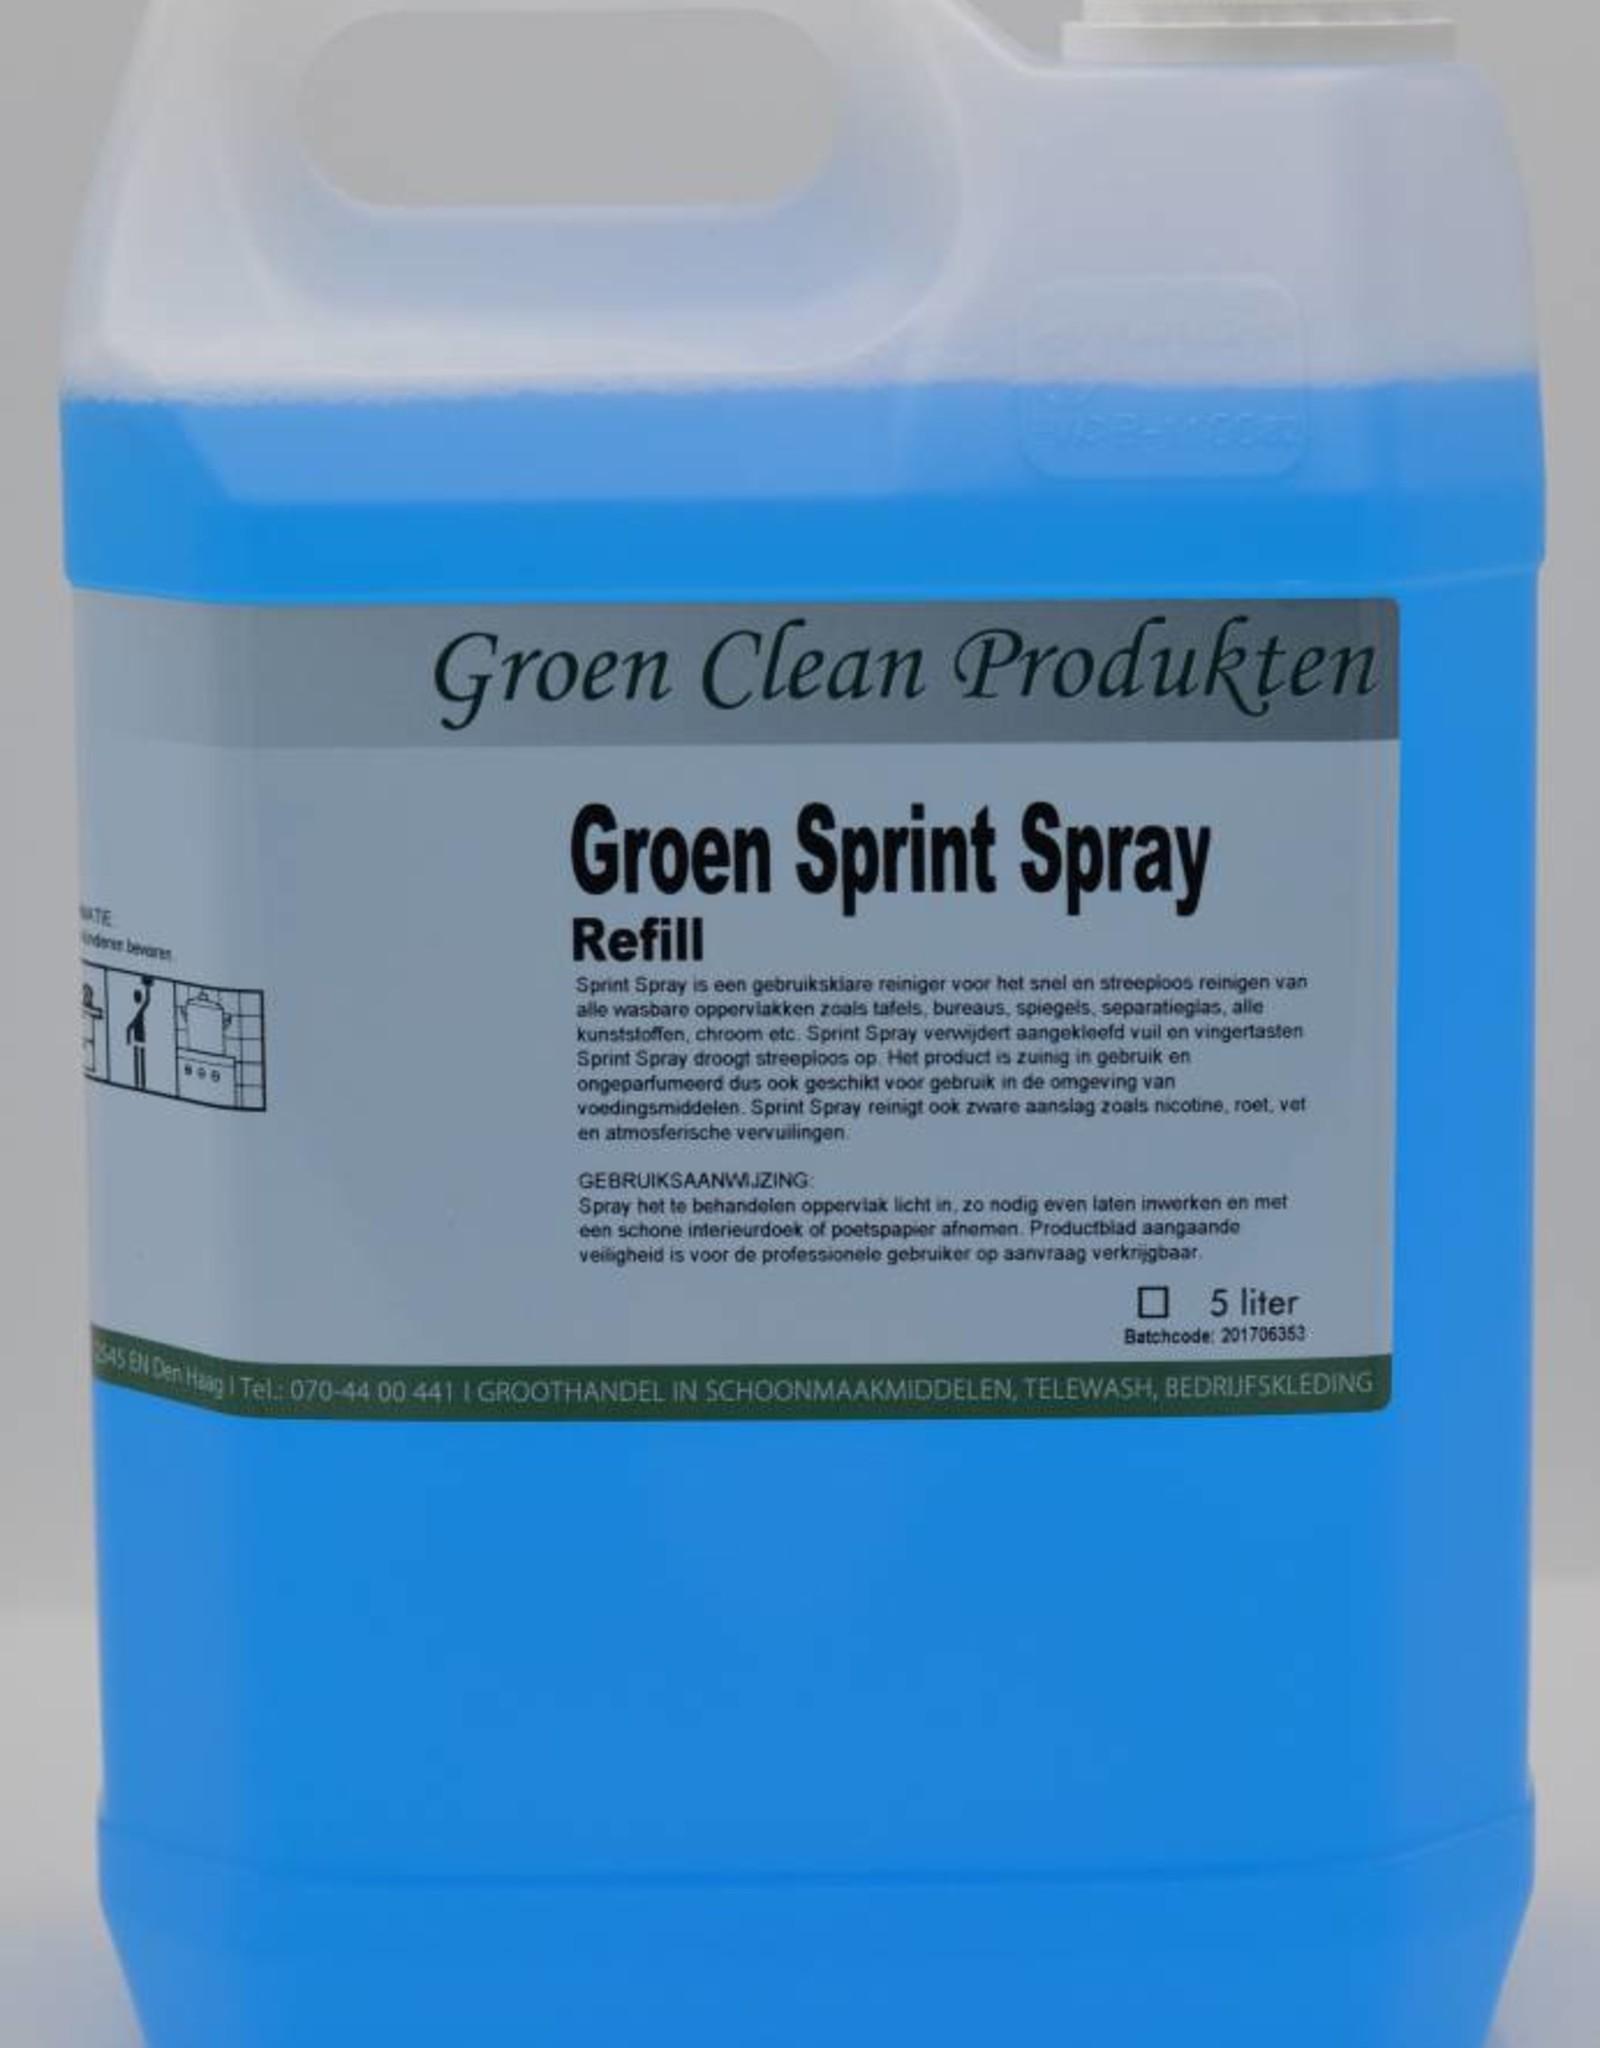 Groen Clean Groen Sprint Spray, 5ltr.